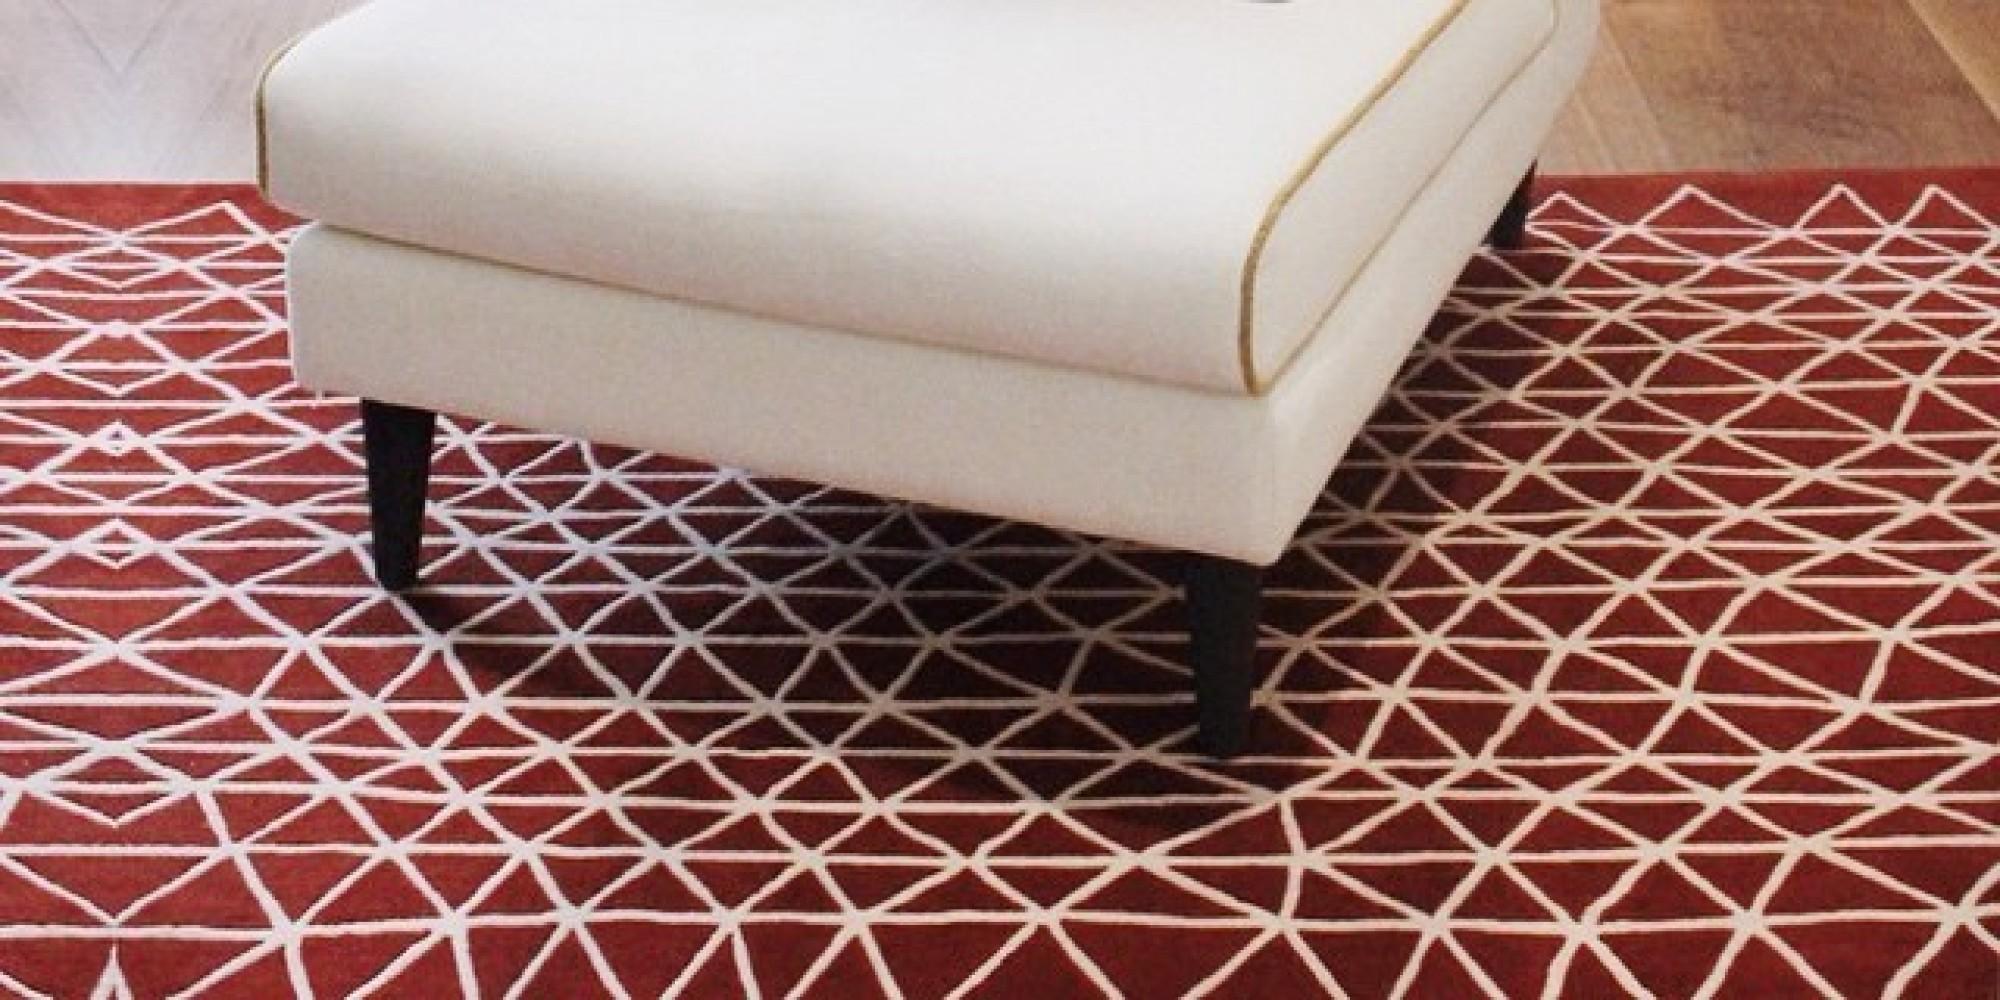 ... la nouvelle collection de tapis de Sarah Lavoine inspiru00e9e du0026#39;Essaouira